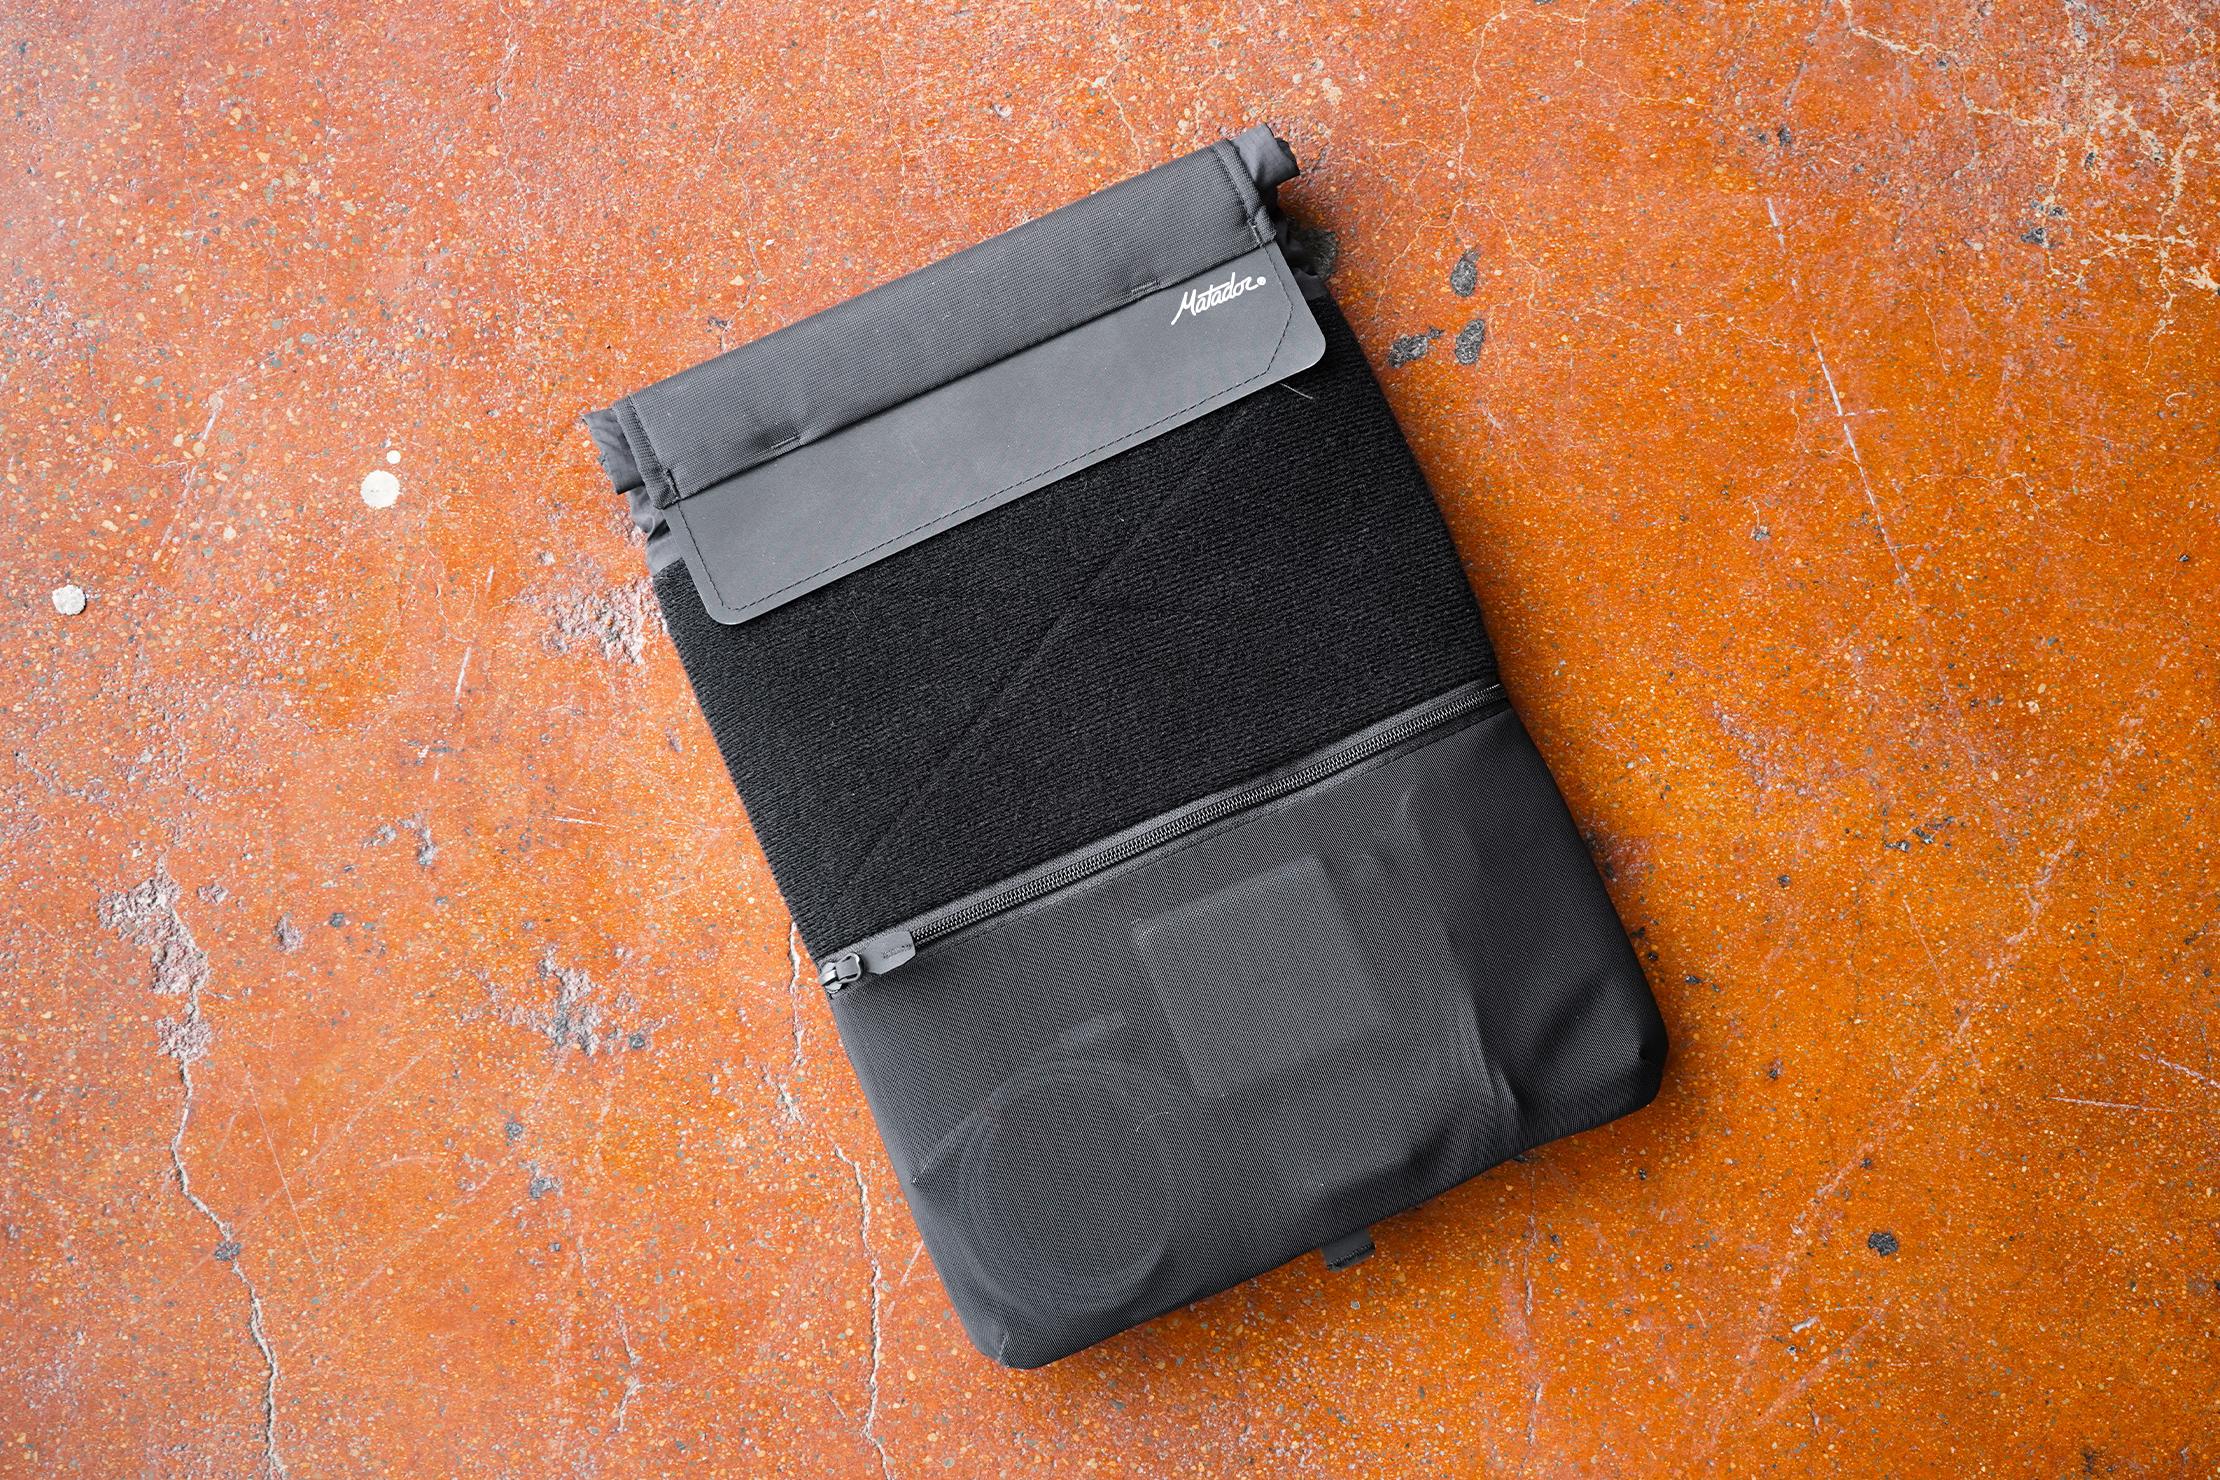 Matador Laptop Base Layer   Using the bag outdoors.